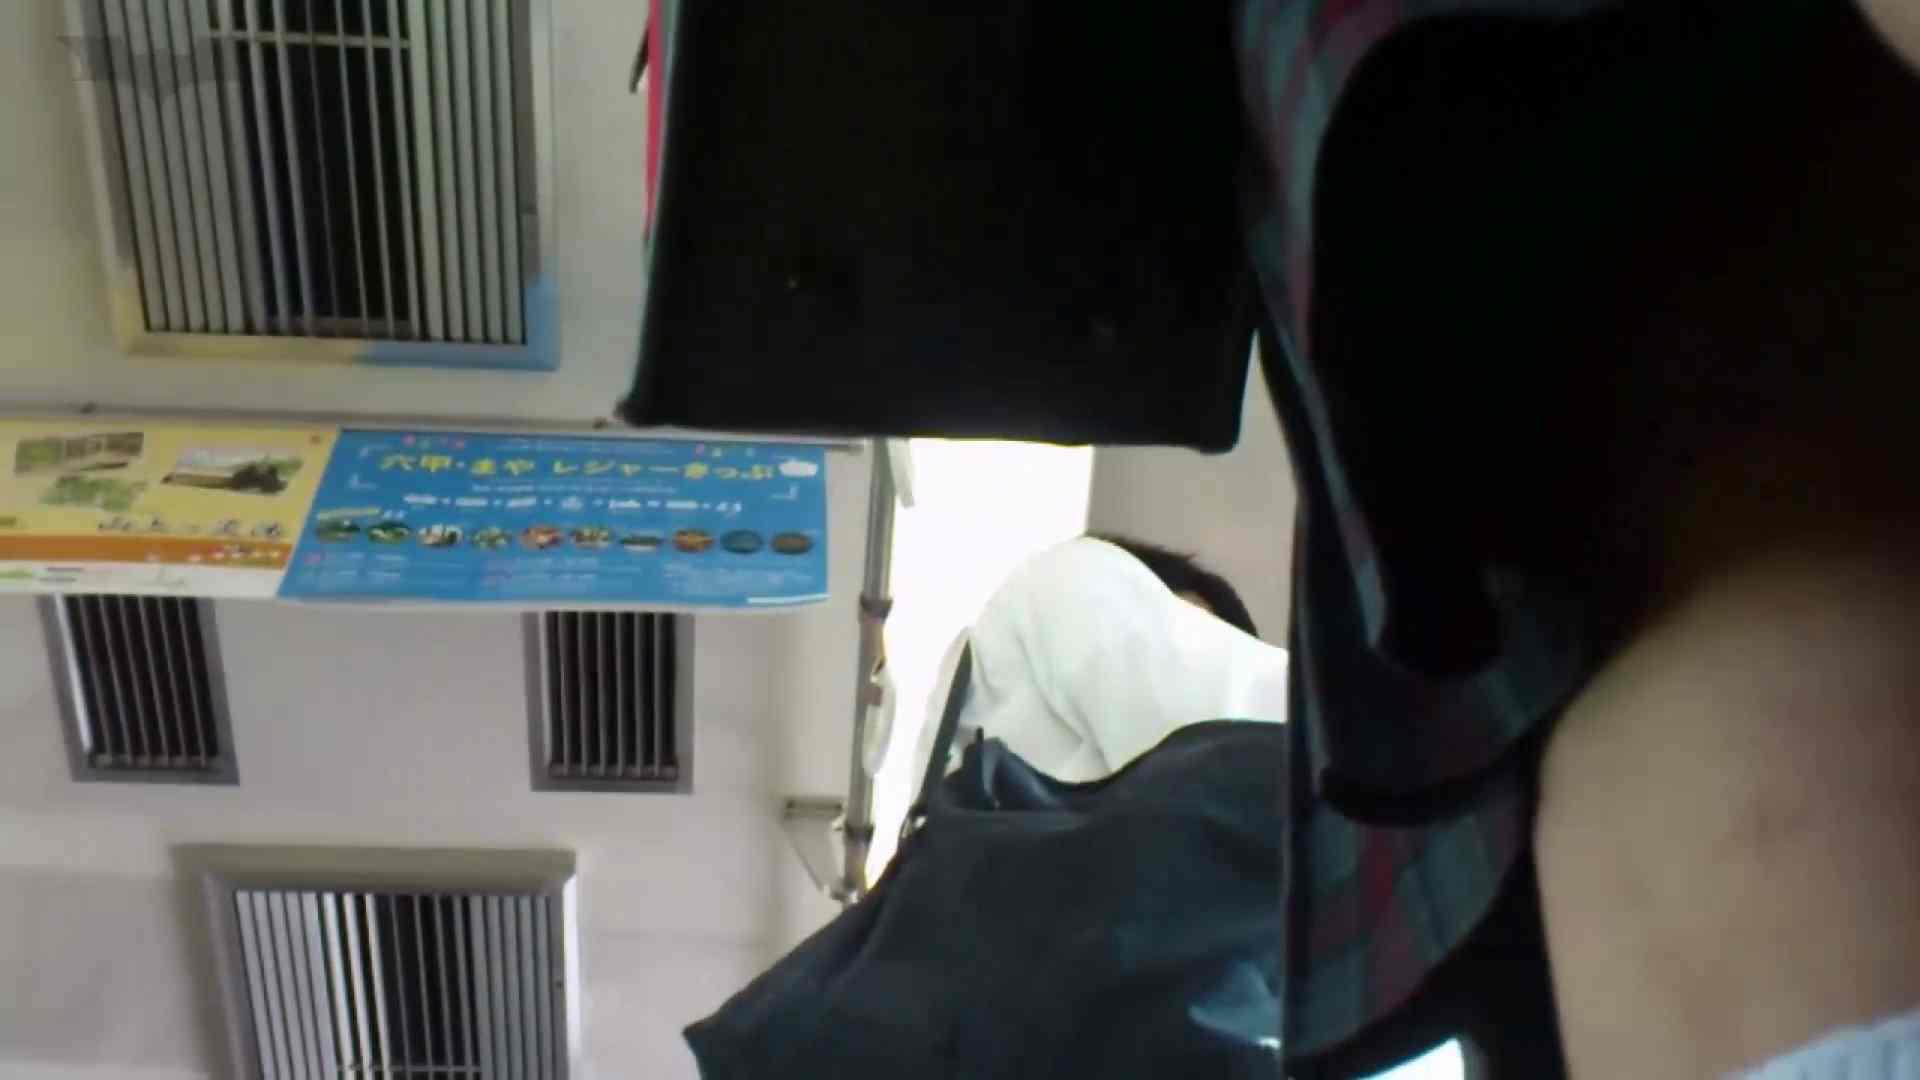 期間限定 超炉利盗撮 Vol.04 神キタ~達の炉利パンツを激撮 車   盗撮エロすぎ  52連発 10